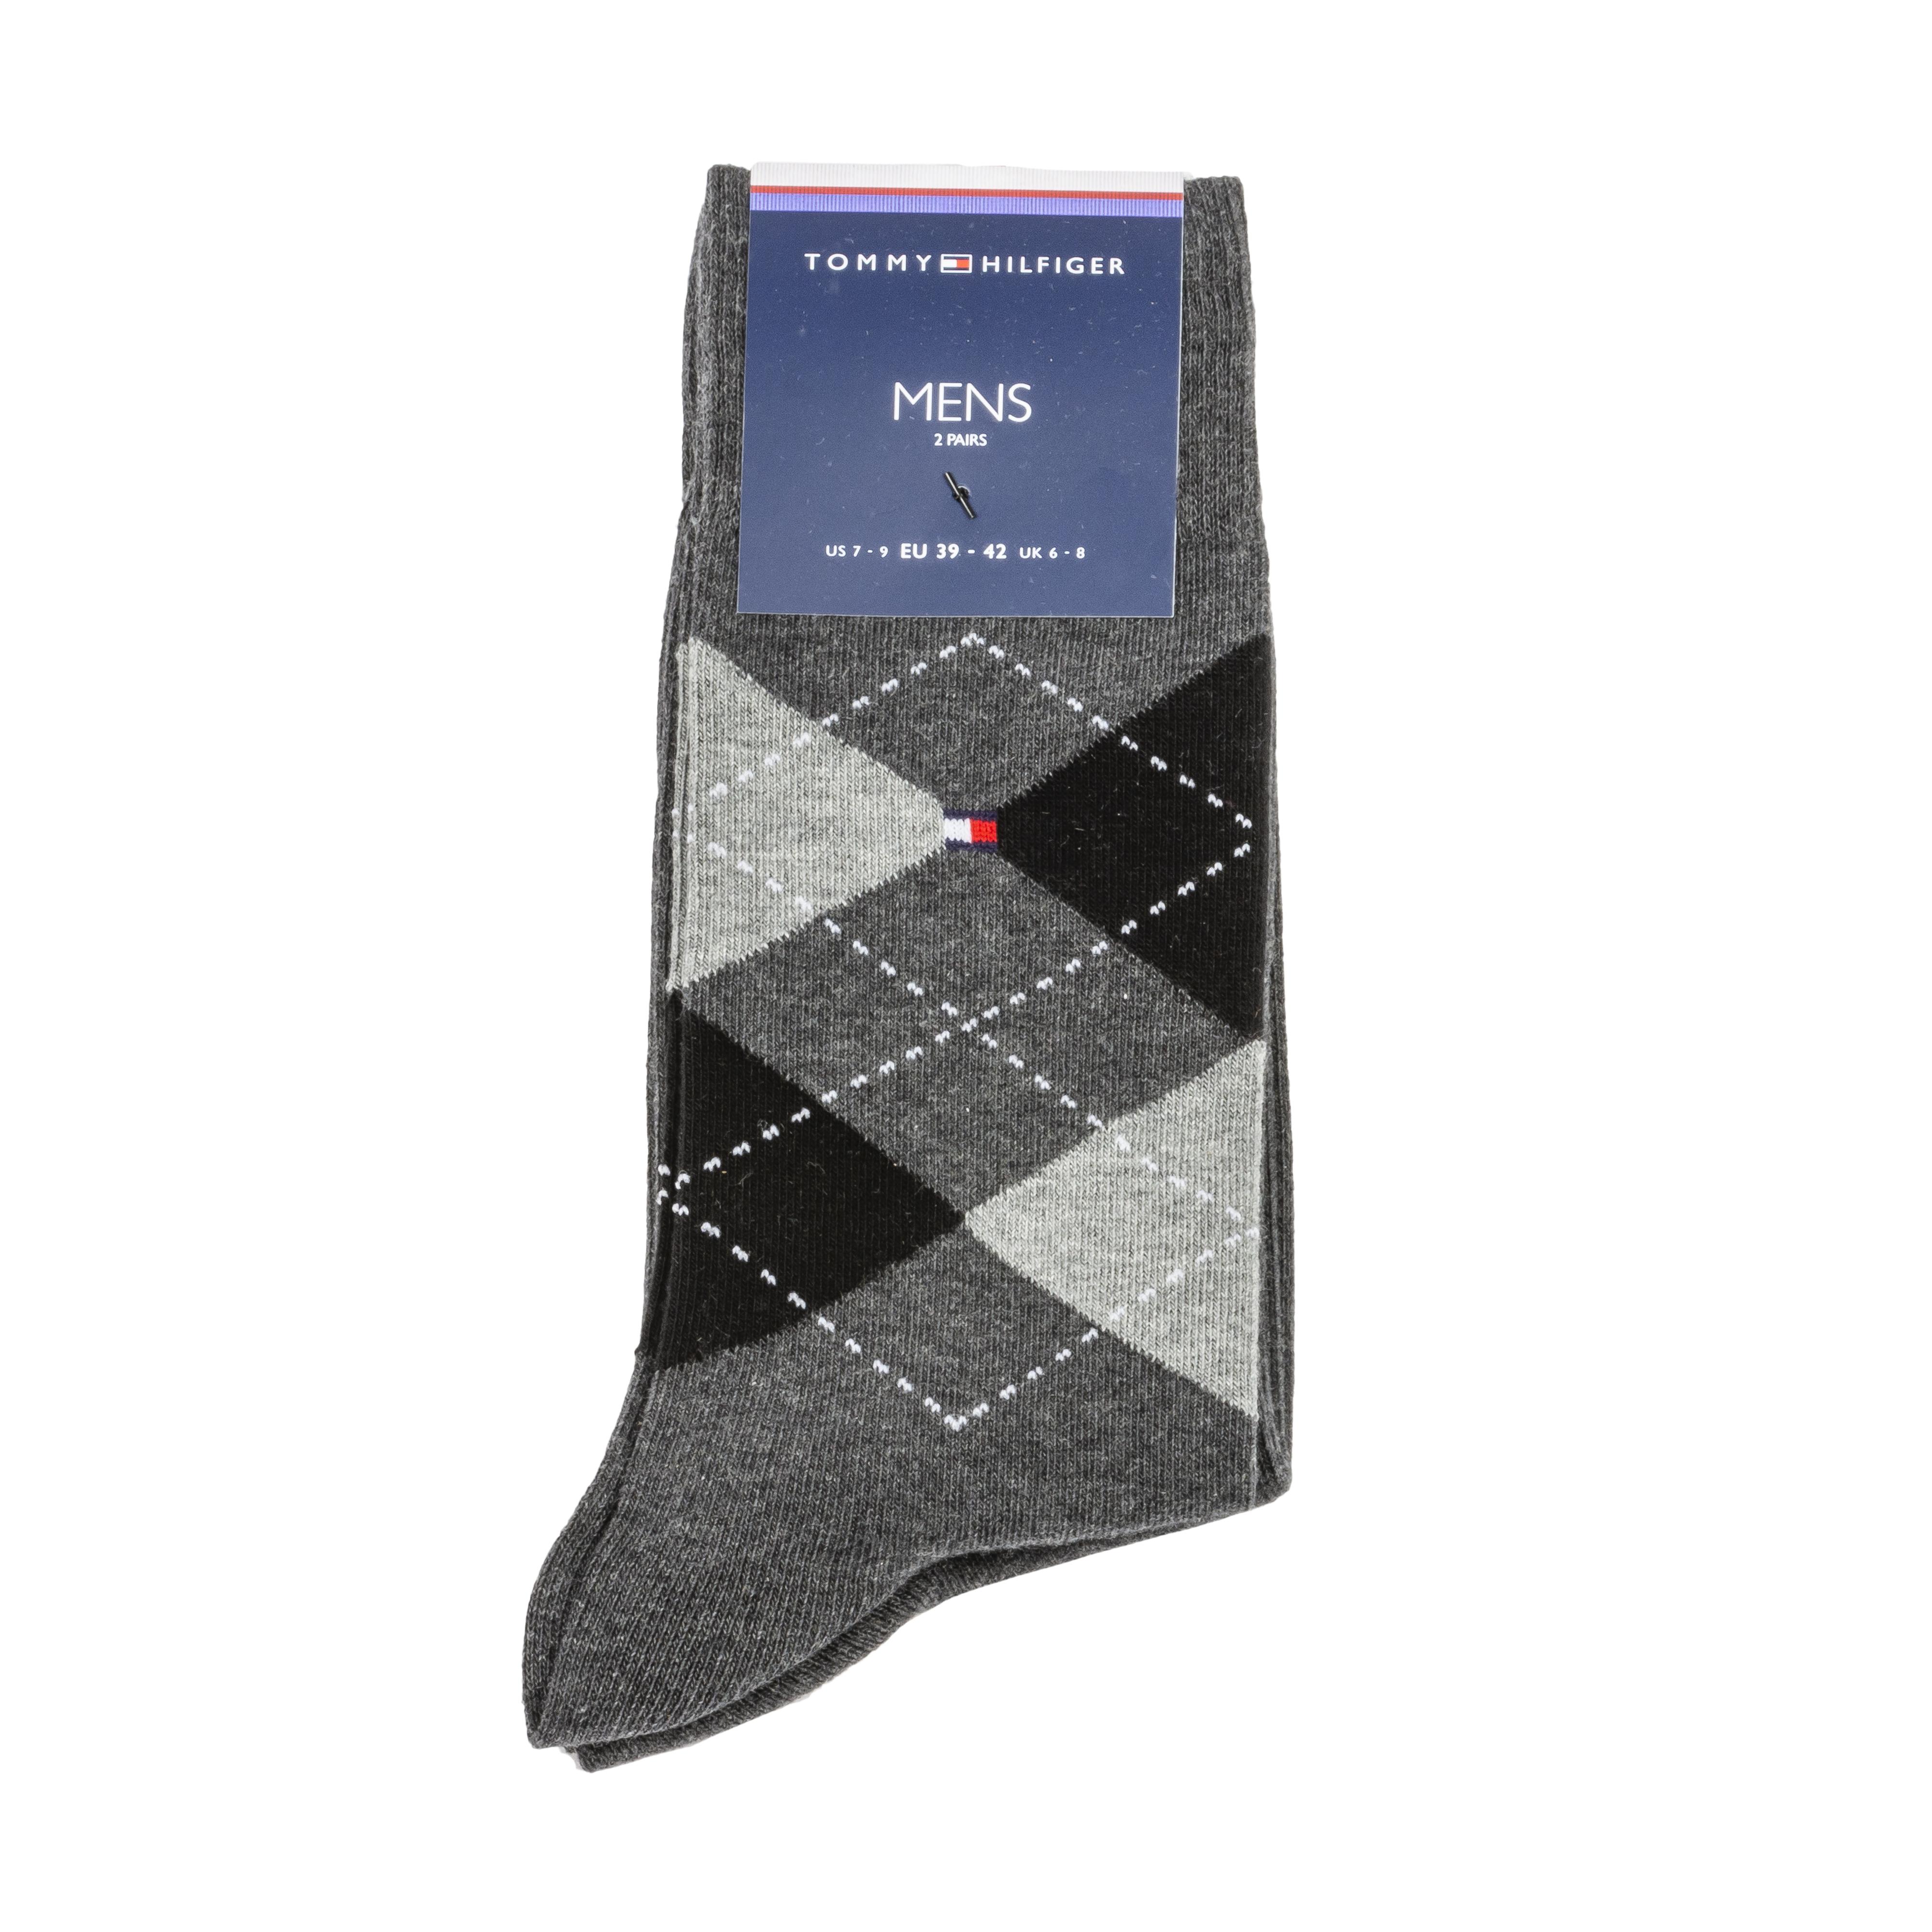 Lot de 2 paires de chaussettes hautes tommy hilfiger sock check en coton mélangé stretch : gris anthracite et gris à carreaux